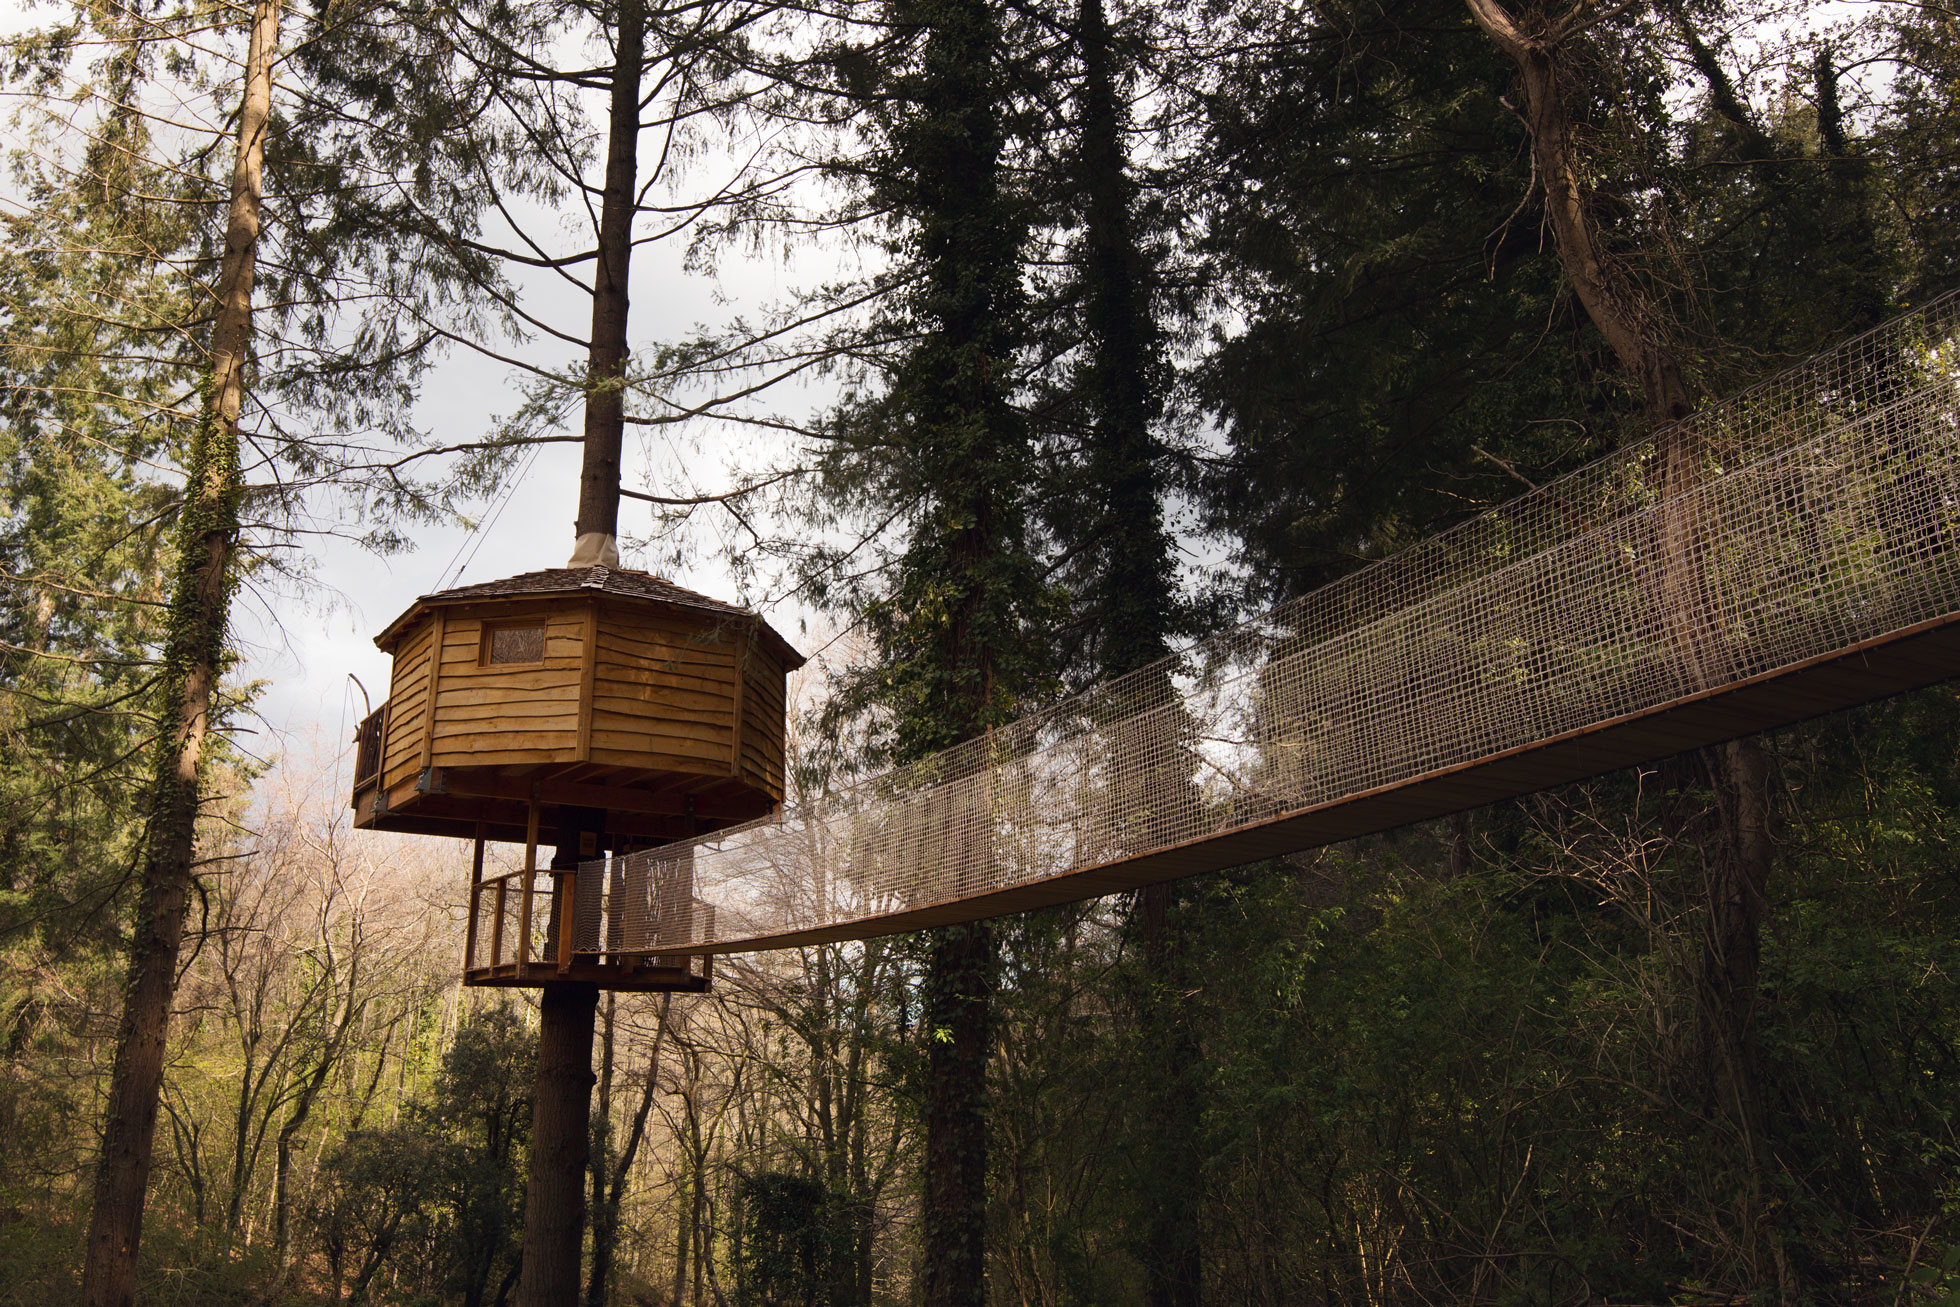 Cabanes als arbres | Millor lloguer Glamping Catalunya